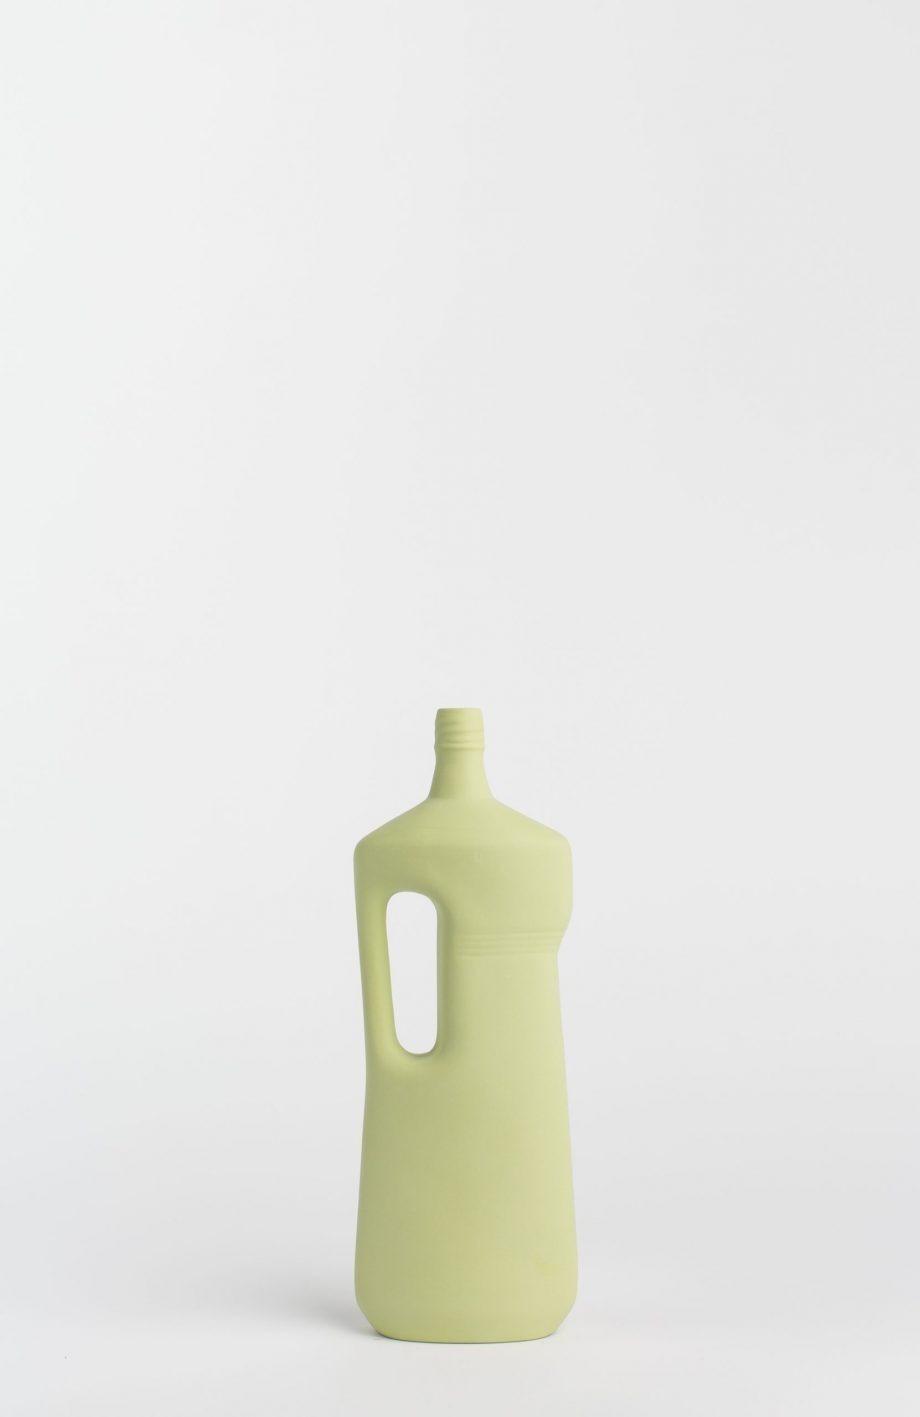 bottlevase #16 light green